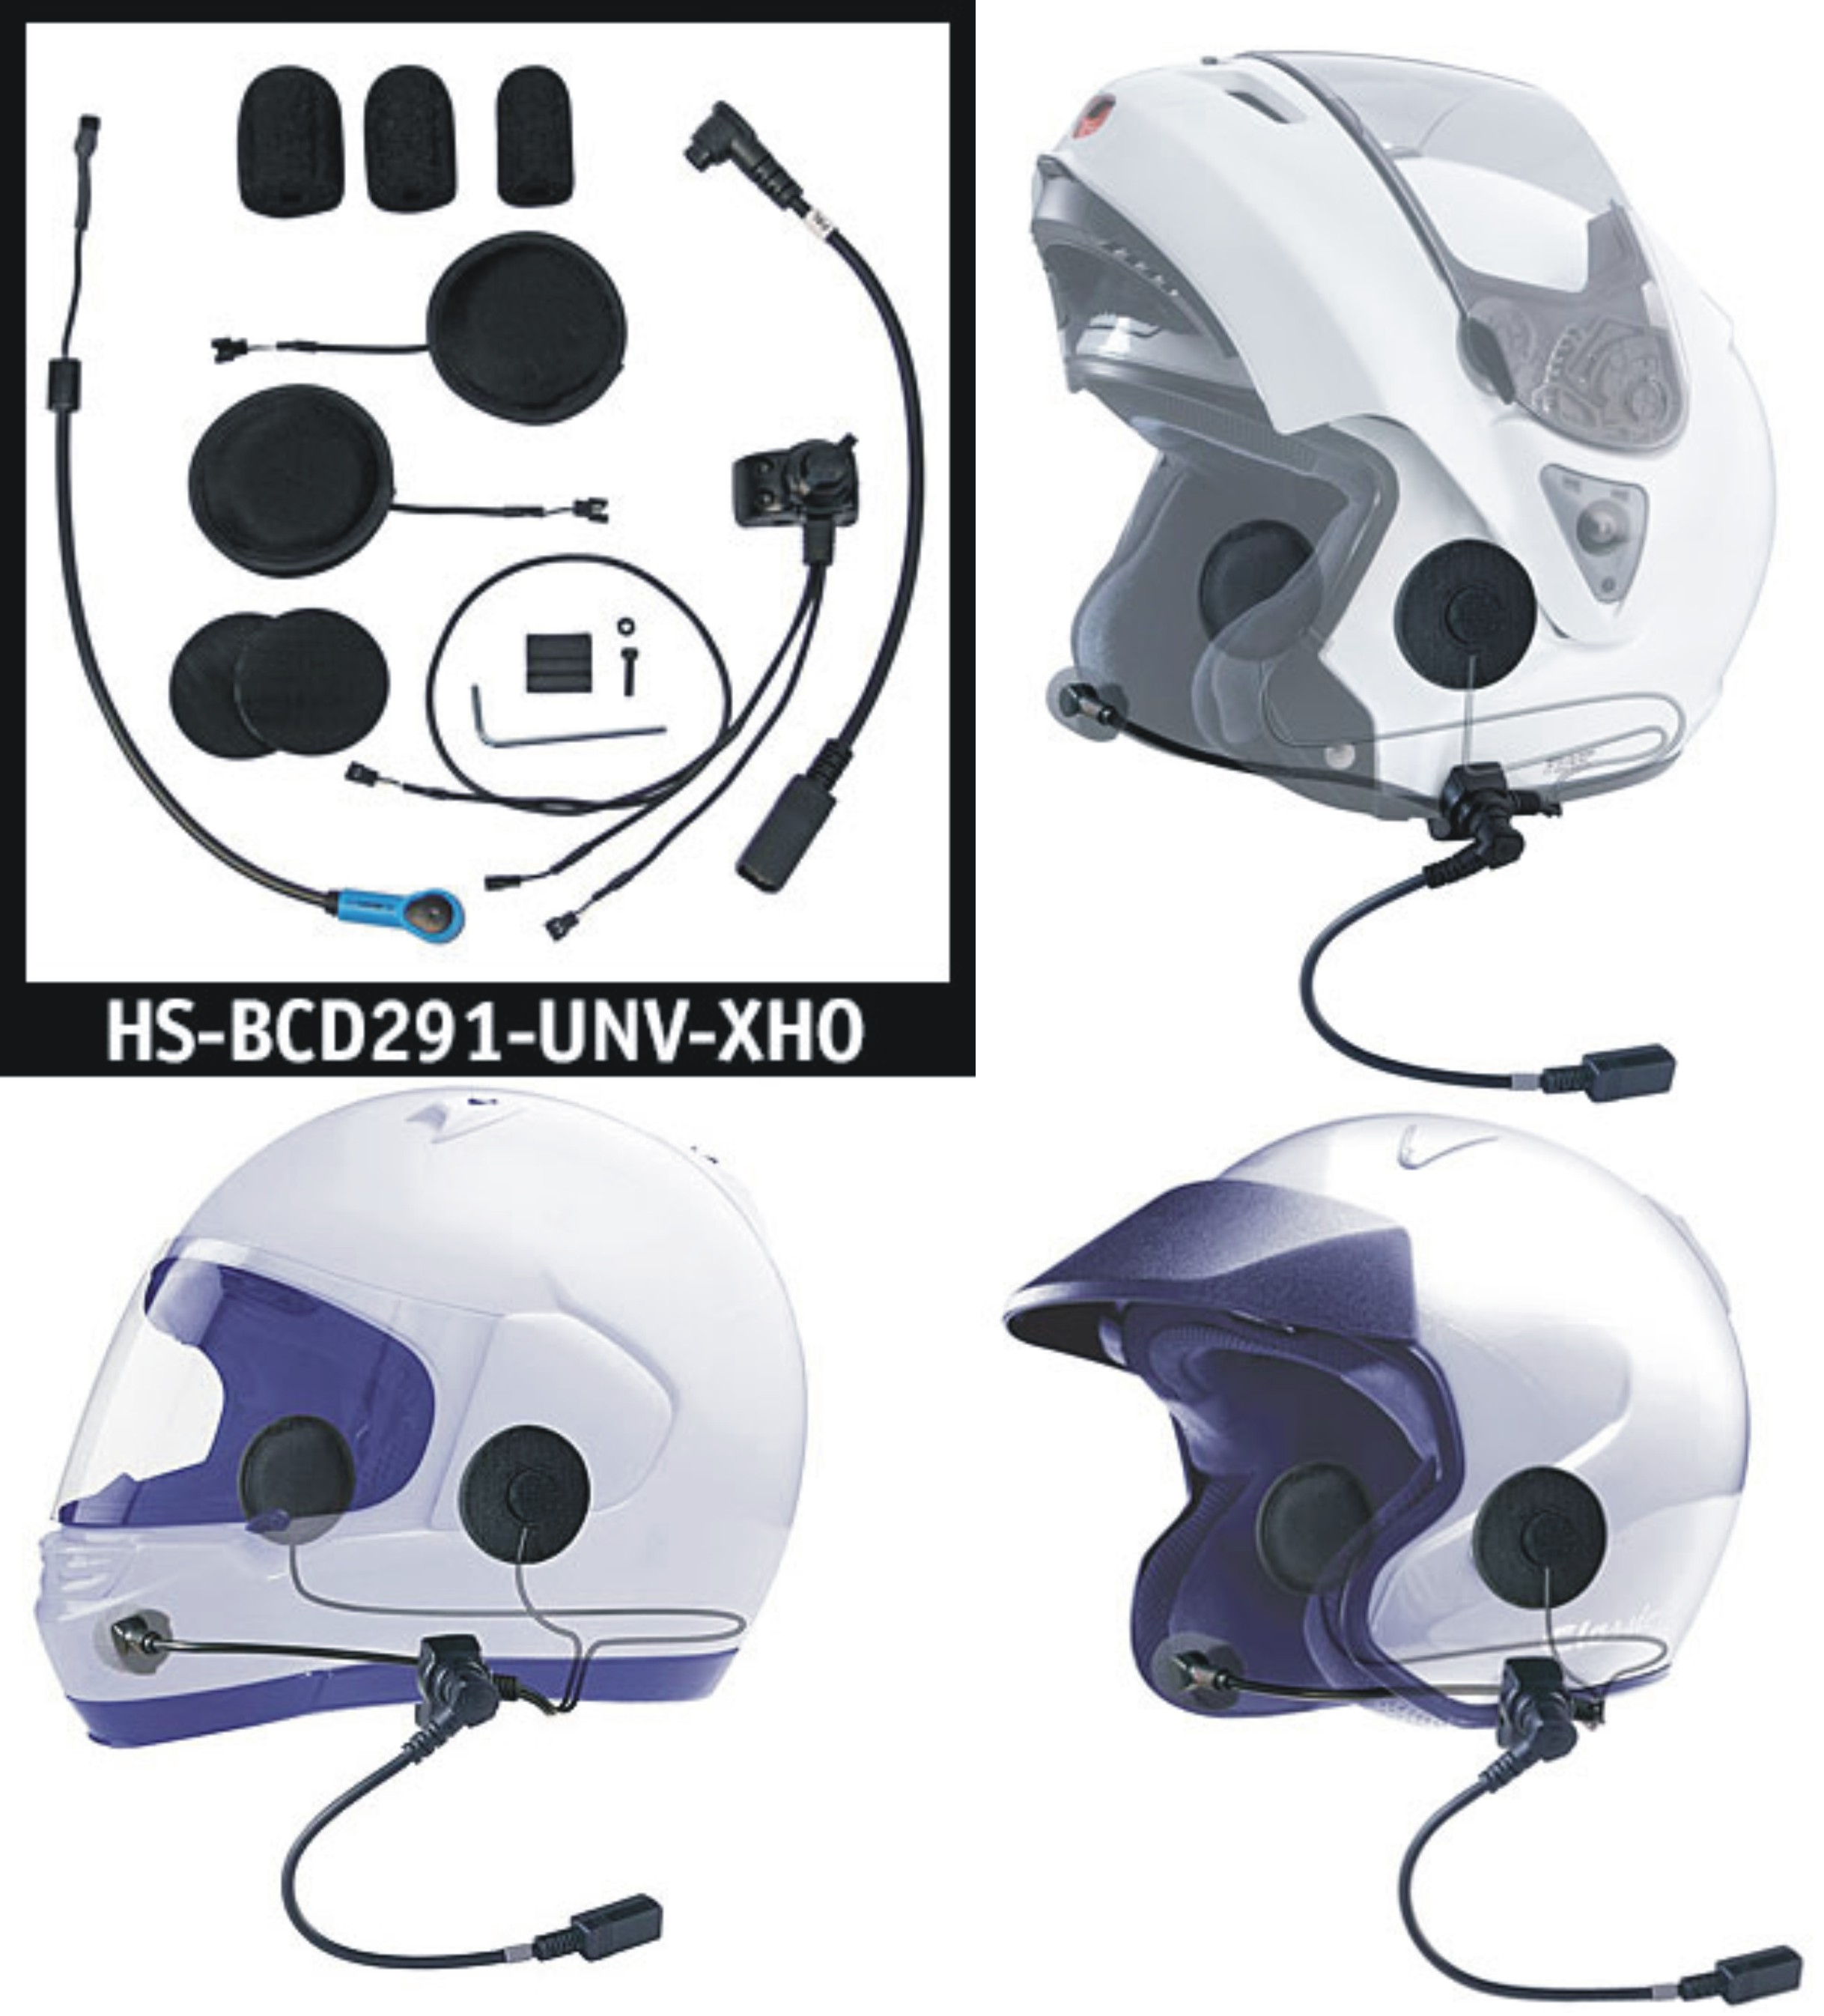 HS-BCD291